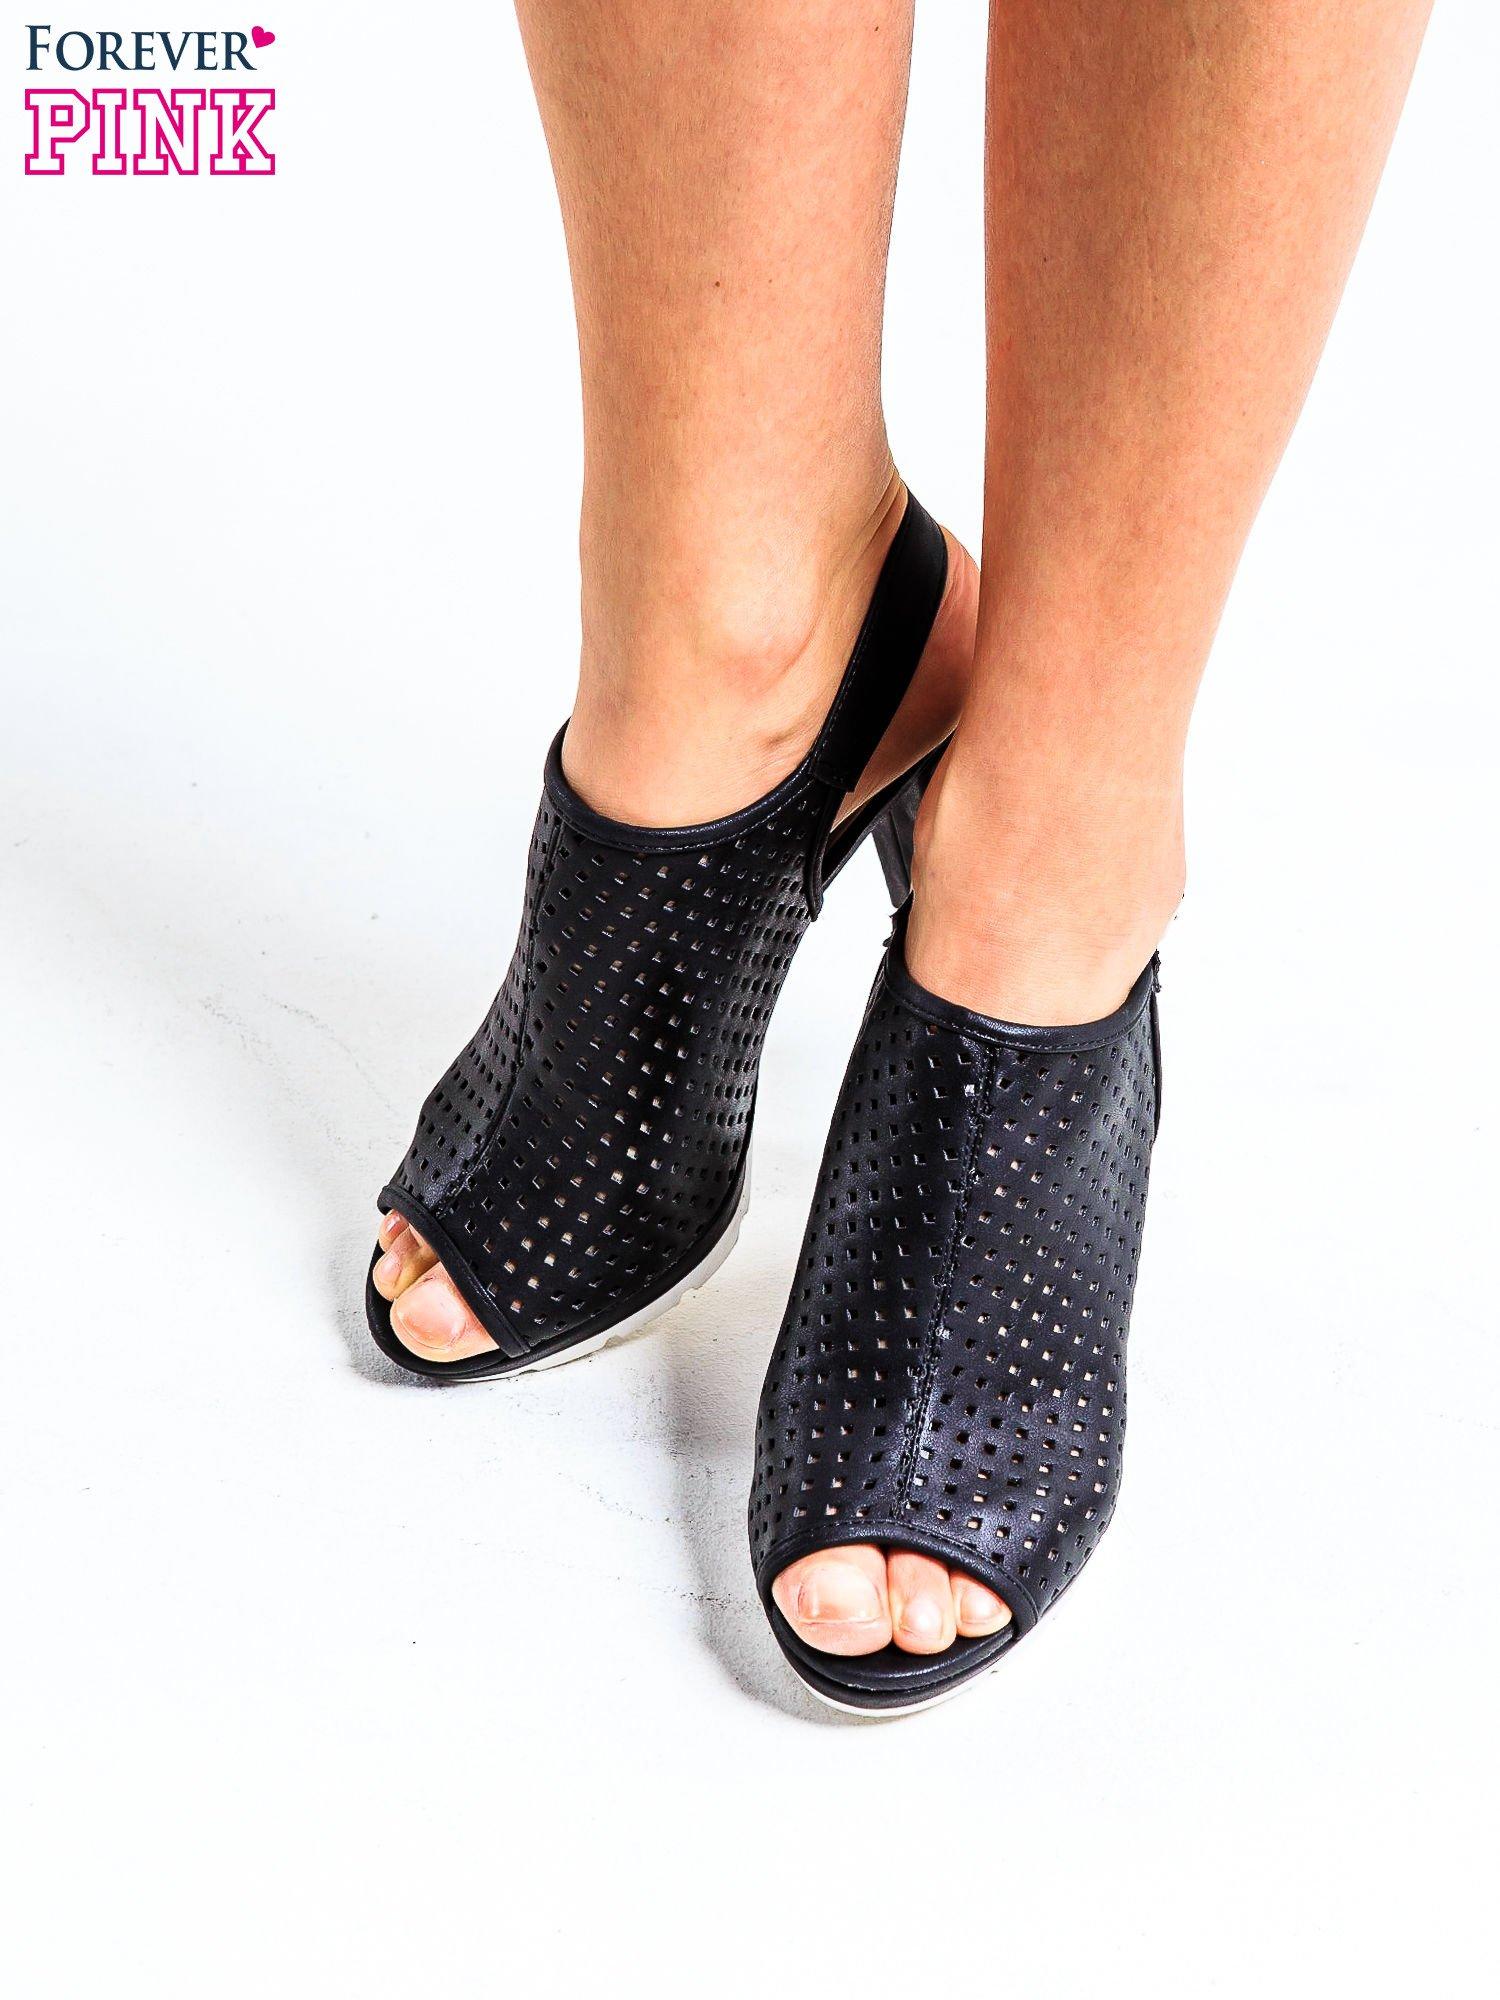 Czarne ażurowe sandały faux leather Smashy na słupku                                  zdj.                                  1